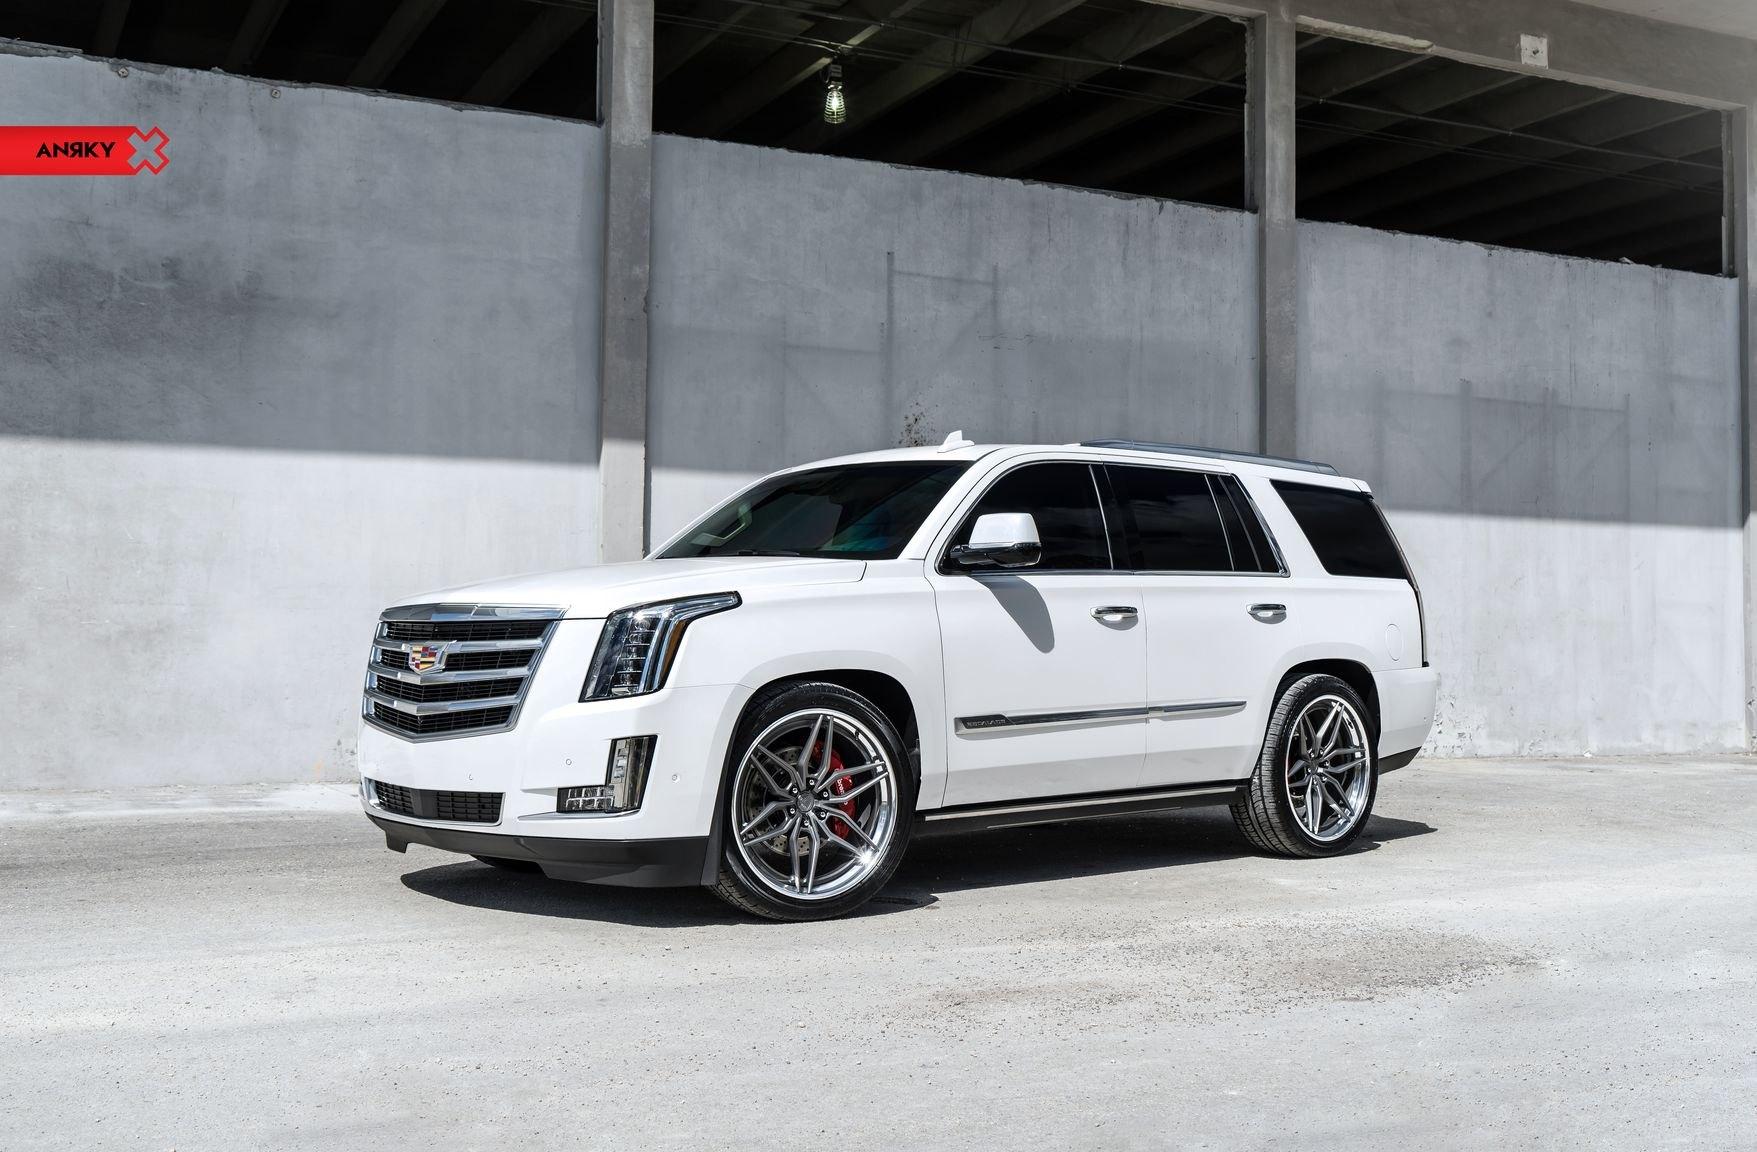 Custom 2018 Cadillac Escalade Images Mods Photos